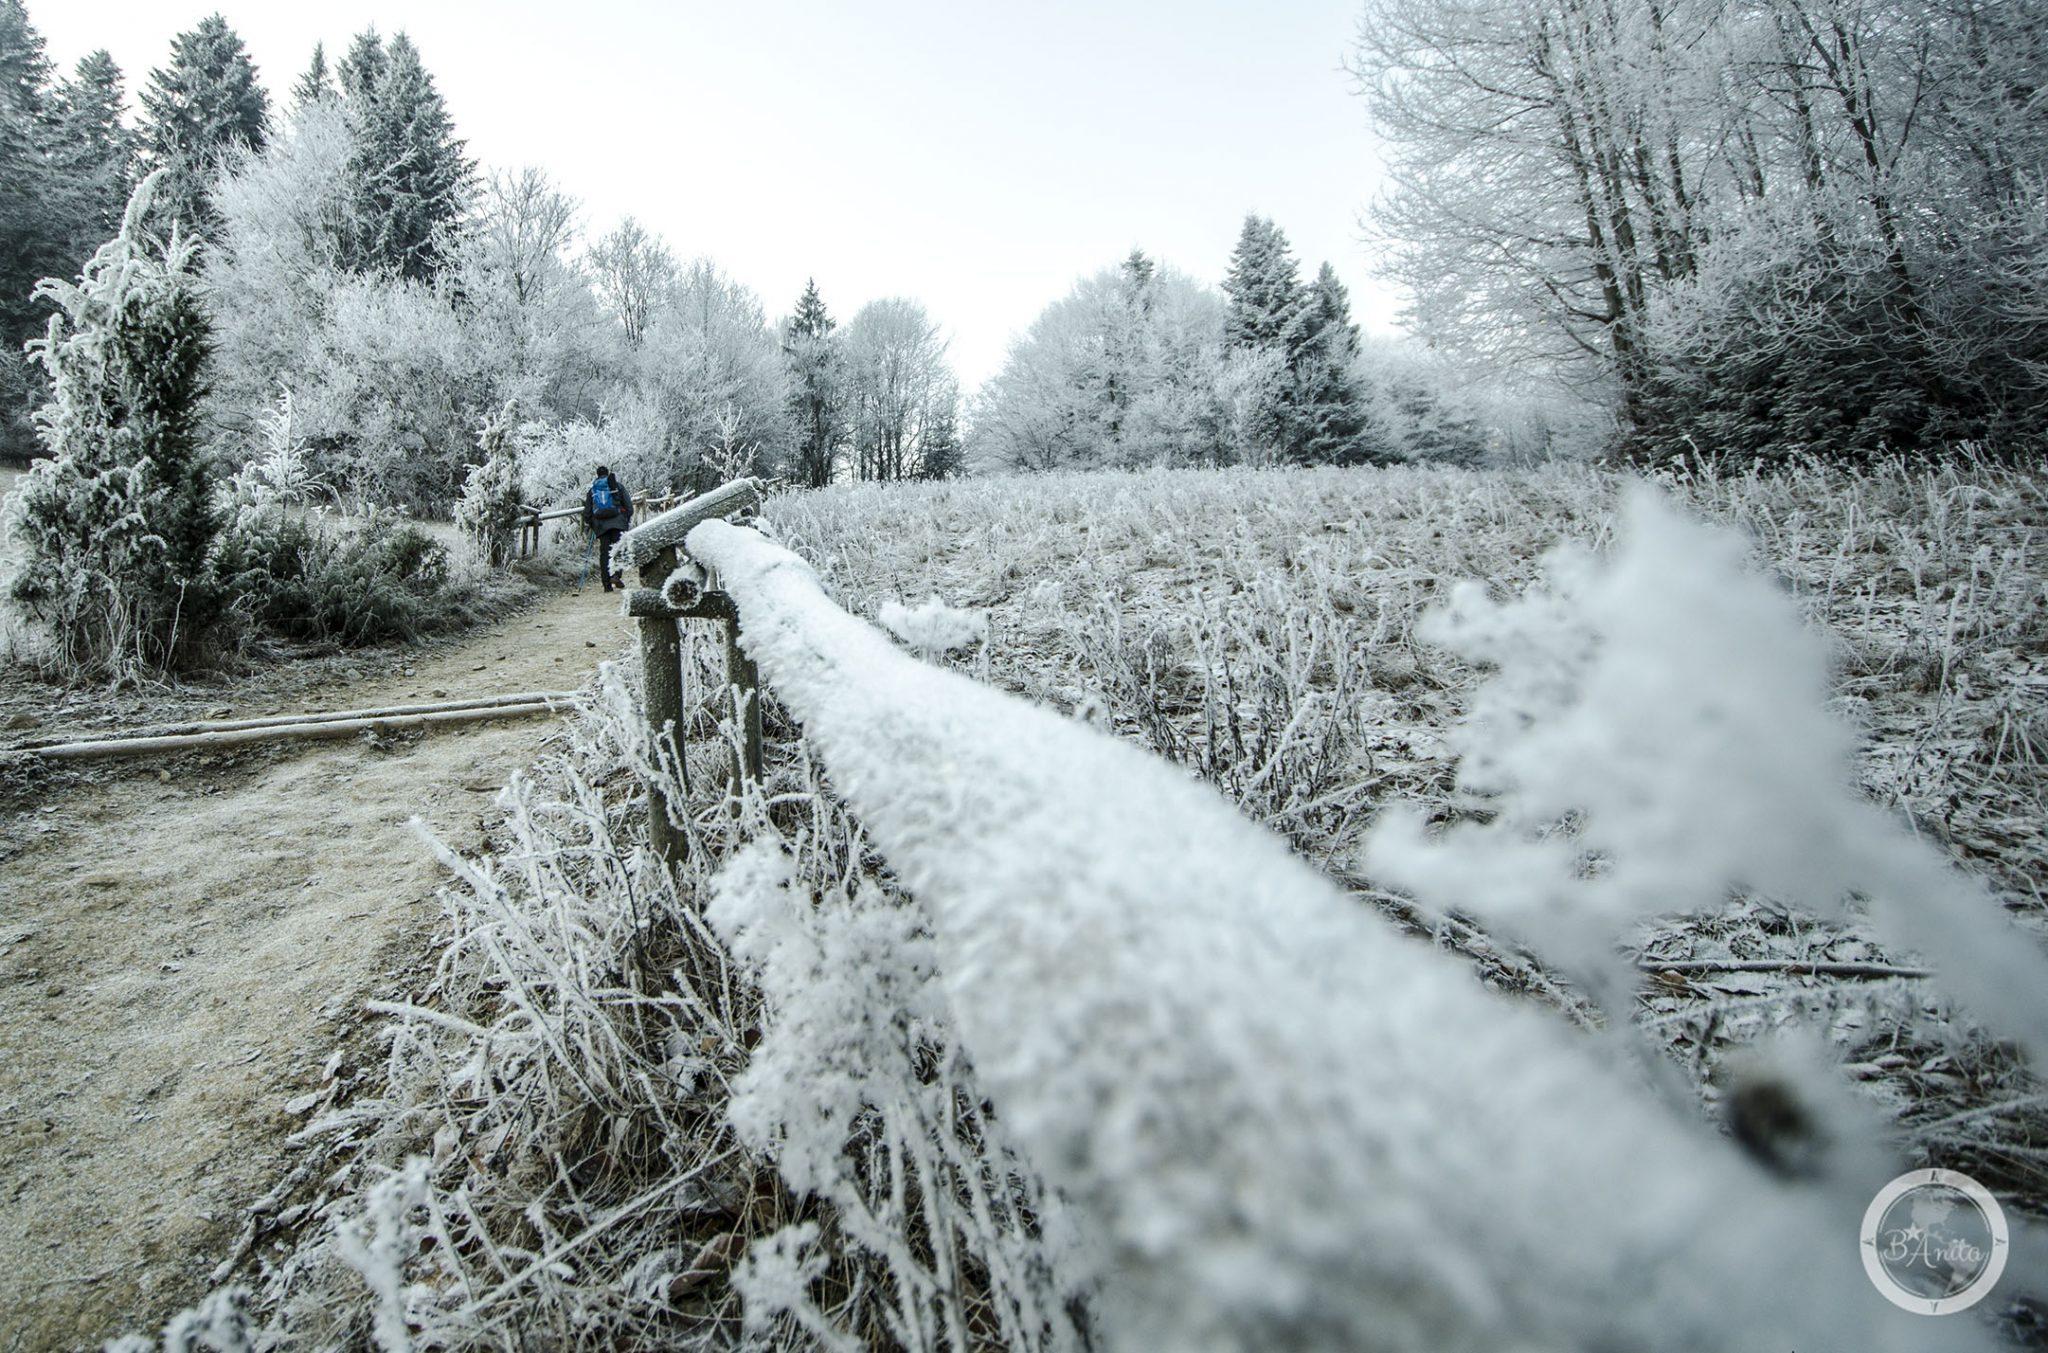 Turysta zbłękitnym plecakiem naSzalku wPienińskim Parku Narodowym. Wokoło oszronione drzewa